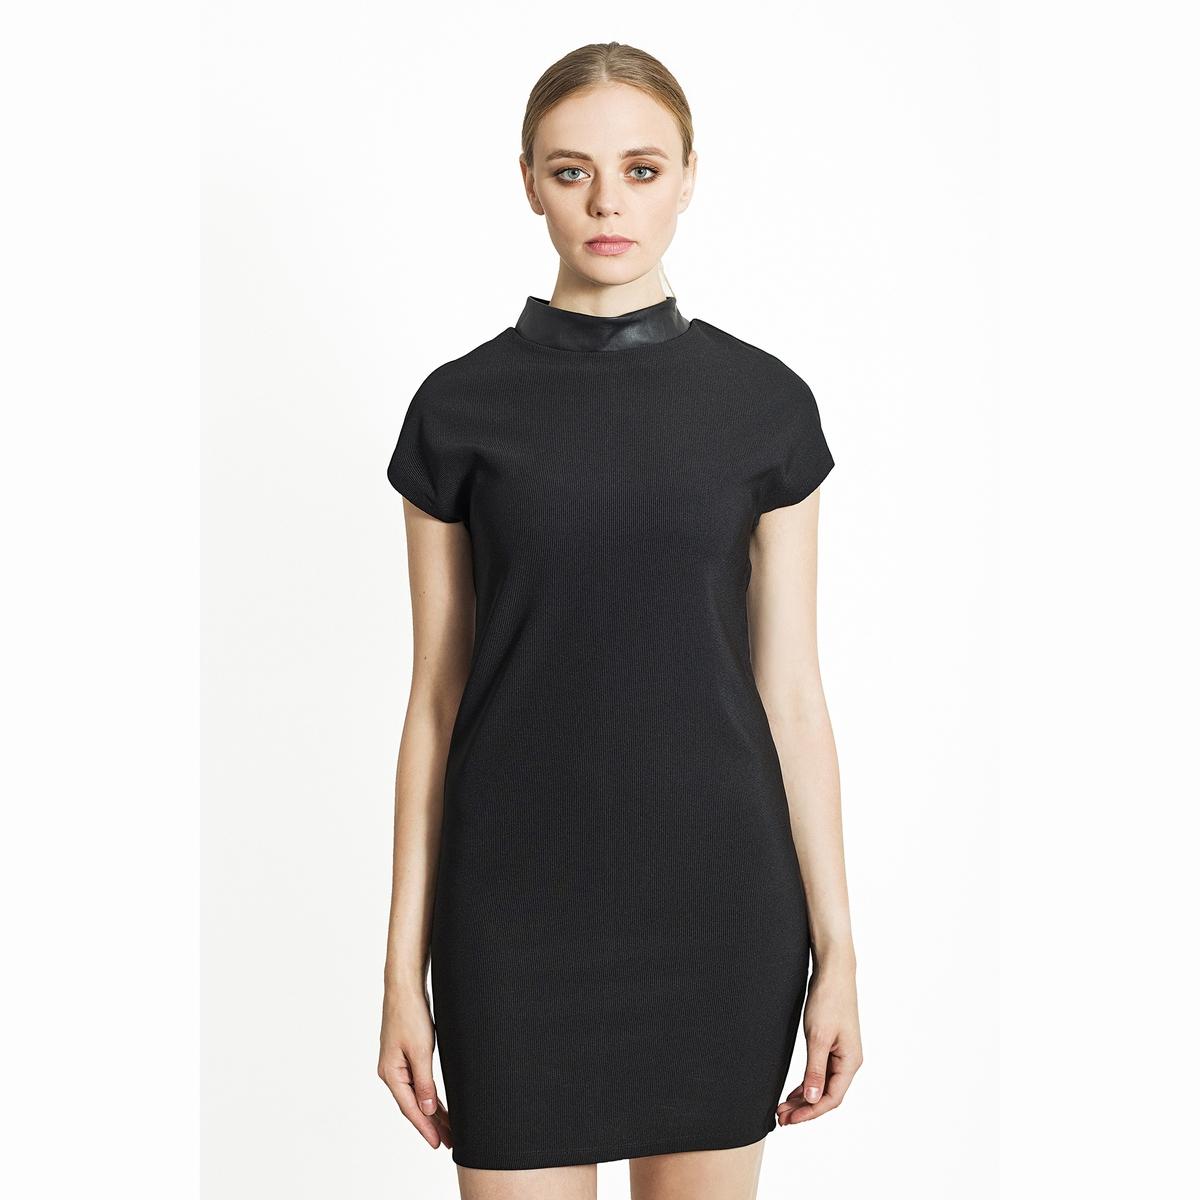 Платье короткое с высоким воротником.Состав и описаниеМатериалы: 100% полиэстер.Марка: Migle+MeУходСледуйте рекомендациям по уходу, указанным на этикетке изделия.<br><br>Цвет: черный